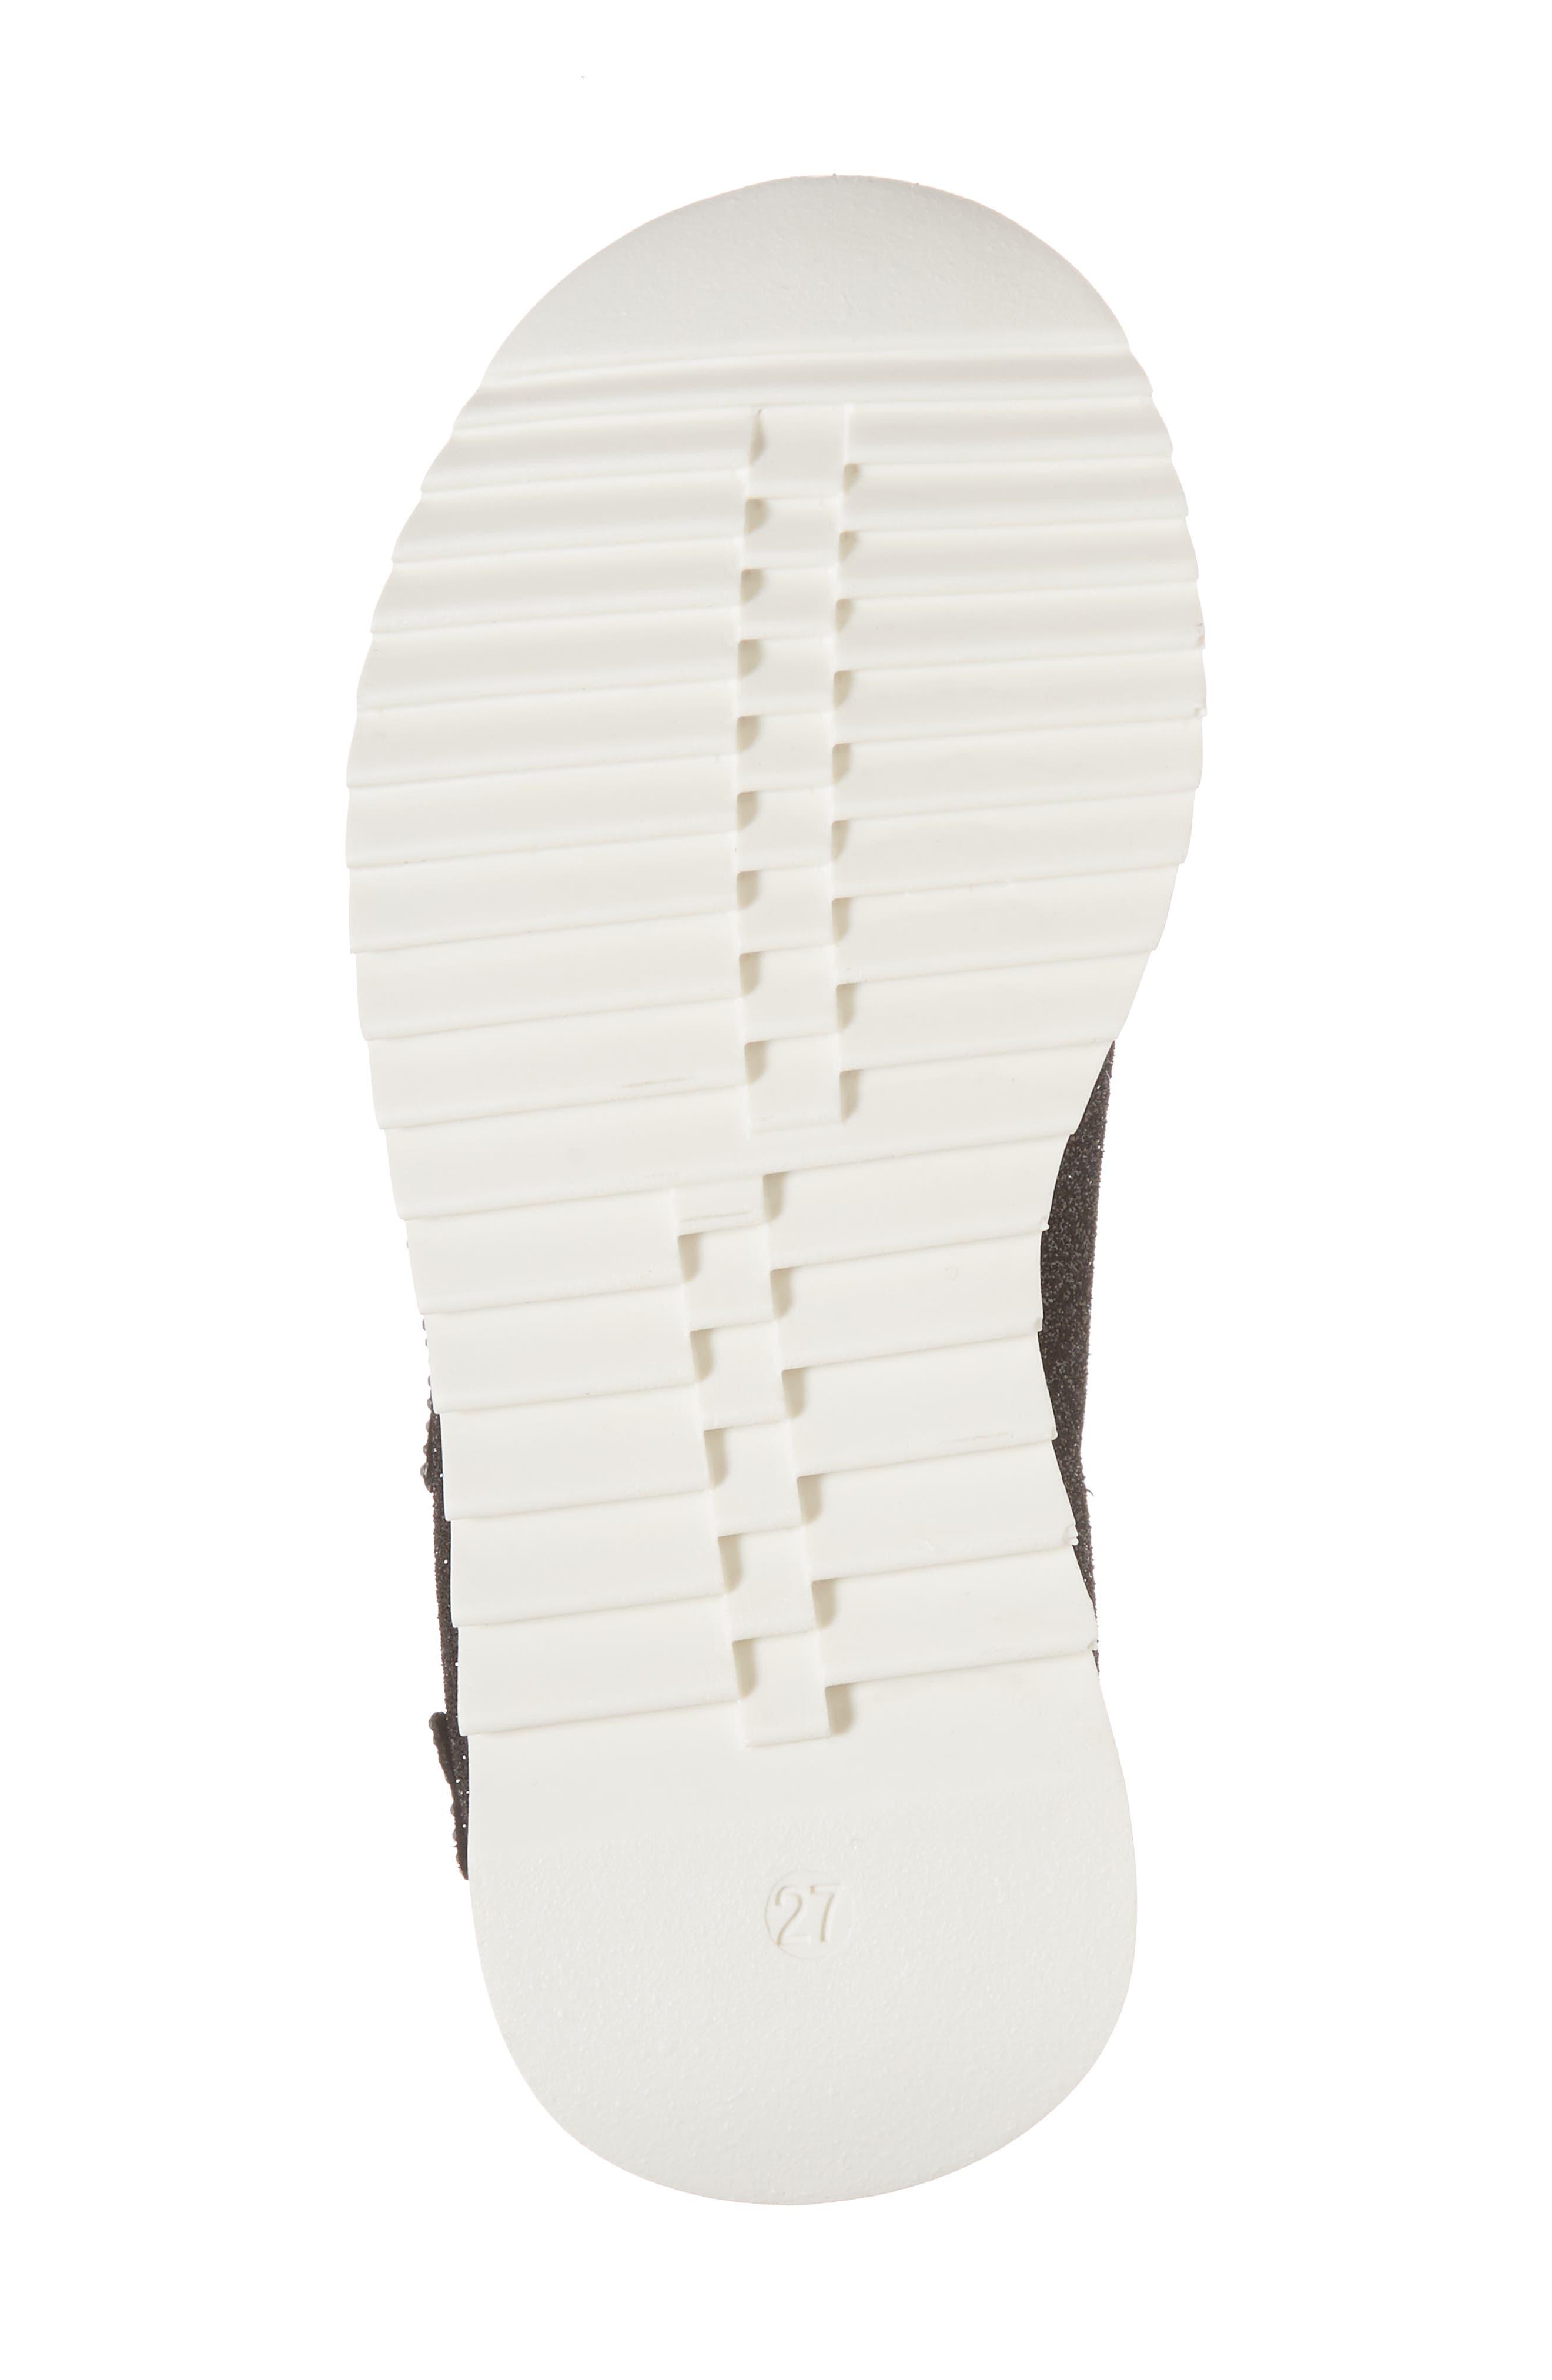 Natalie Star Glitter Slip-On Sneaker,                             Alternate thumbnail 6, color,                             001